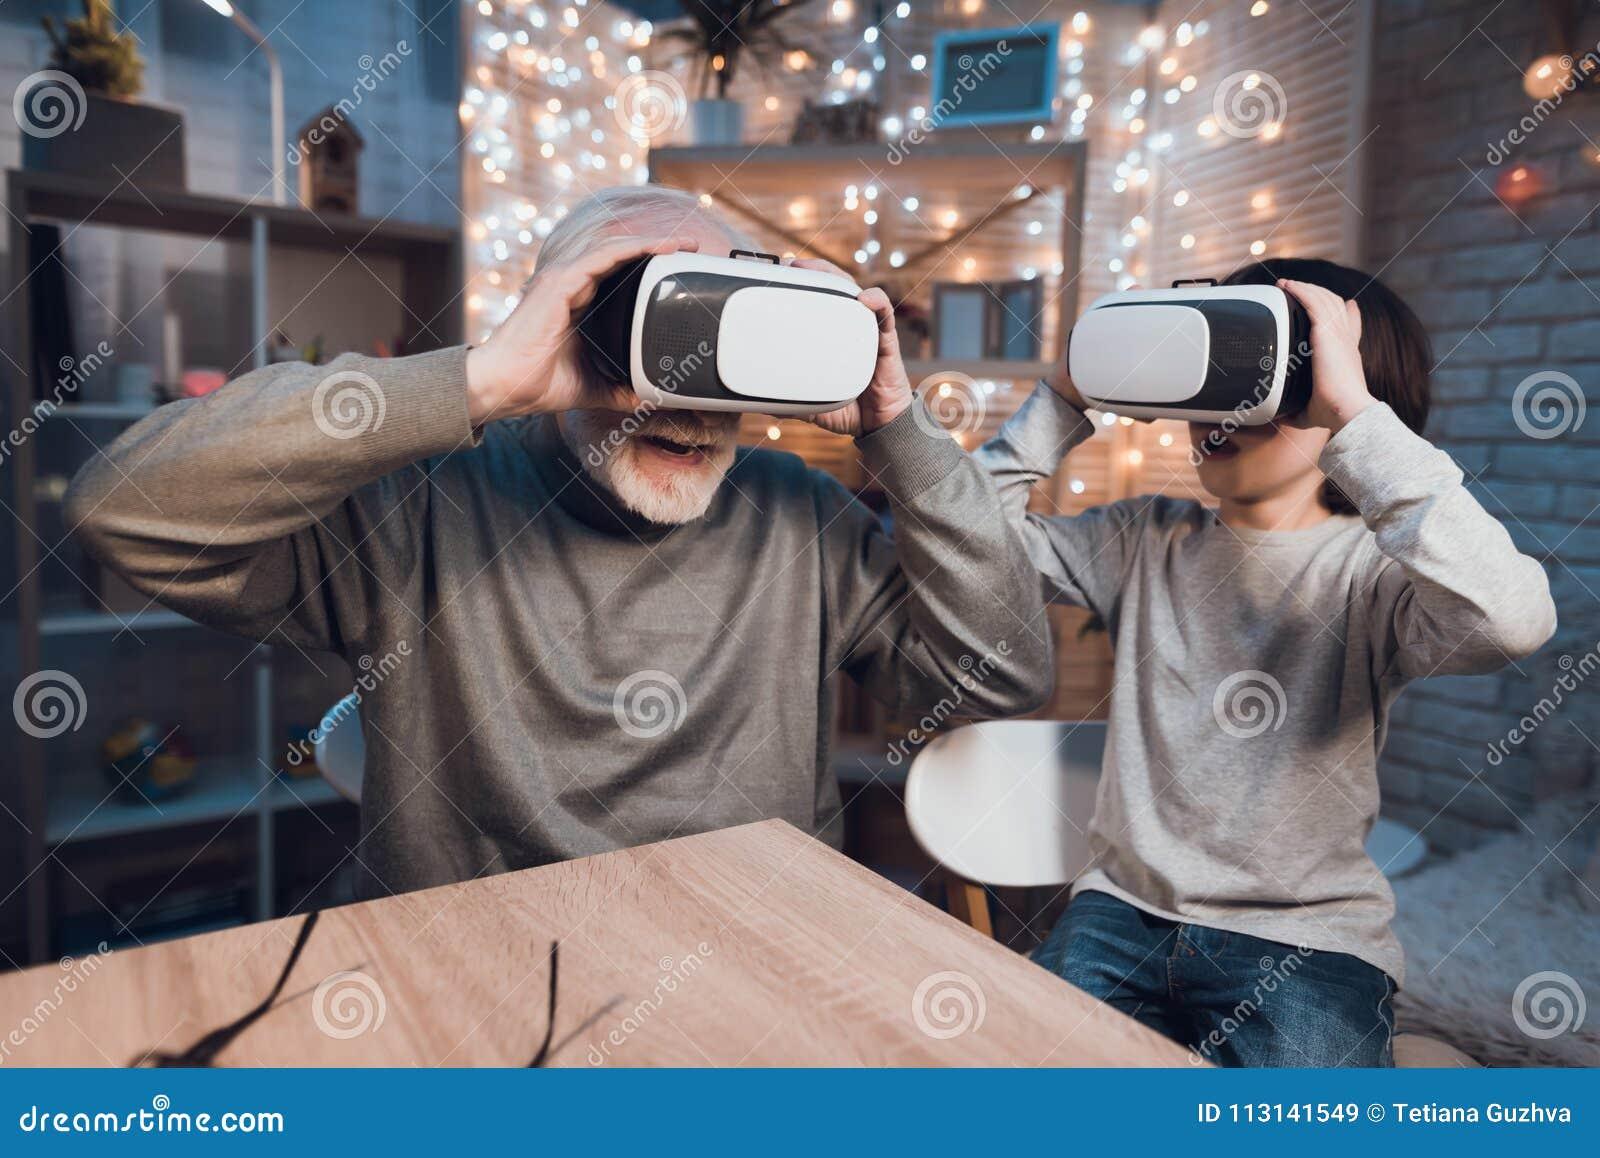 Ο παππούς και ο εγγονός χρησιμοποιούν την εικονική πραγματικότητα τη νύχτα στο σπίτι